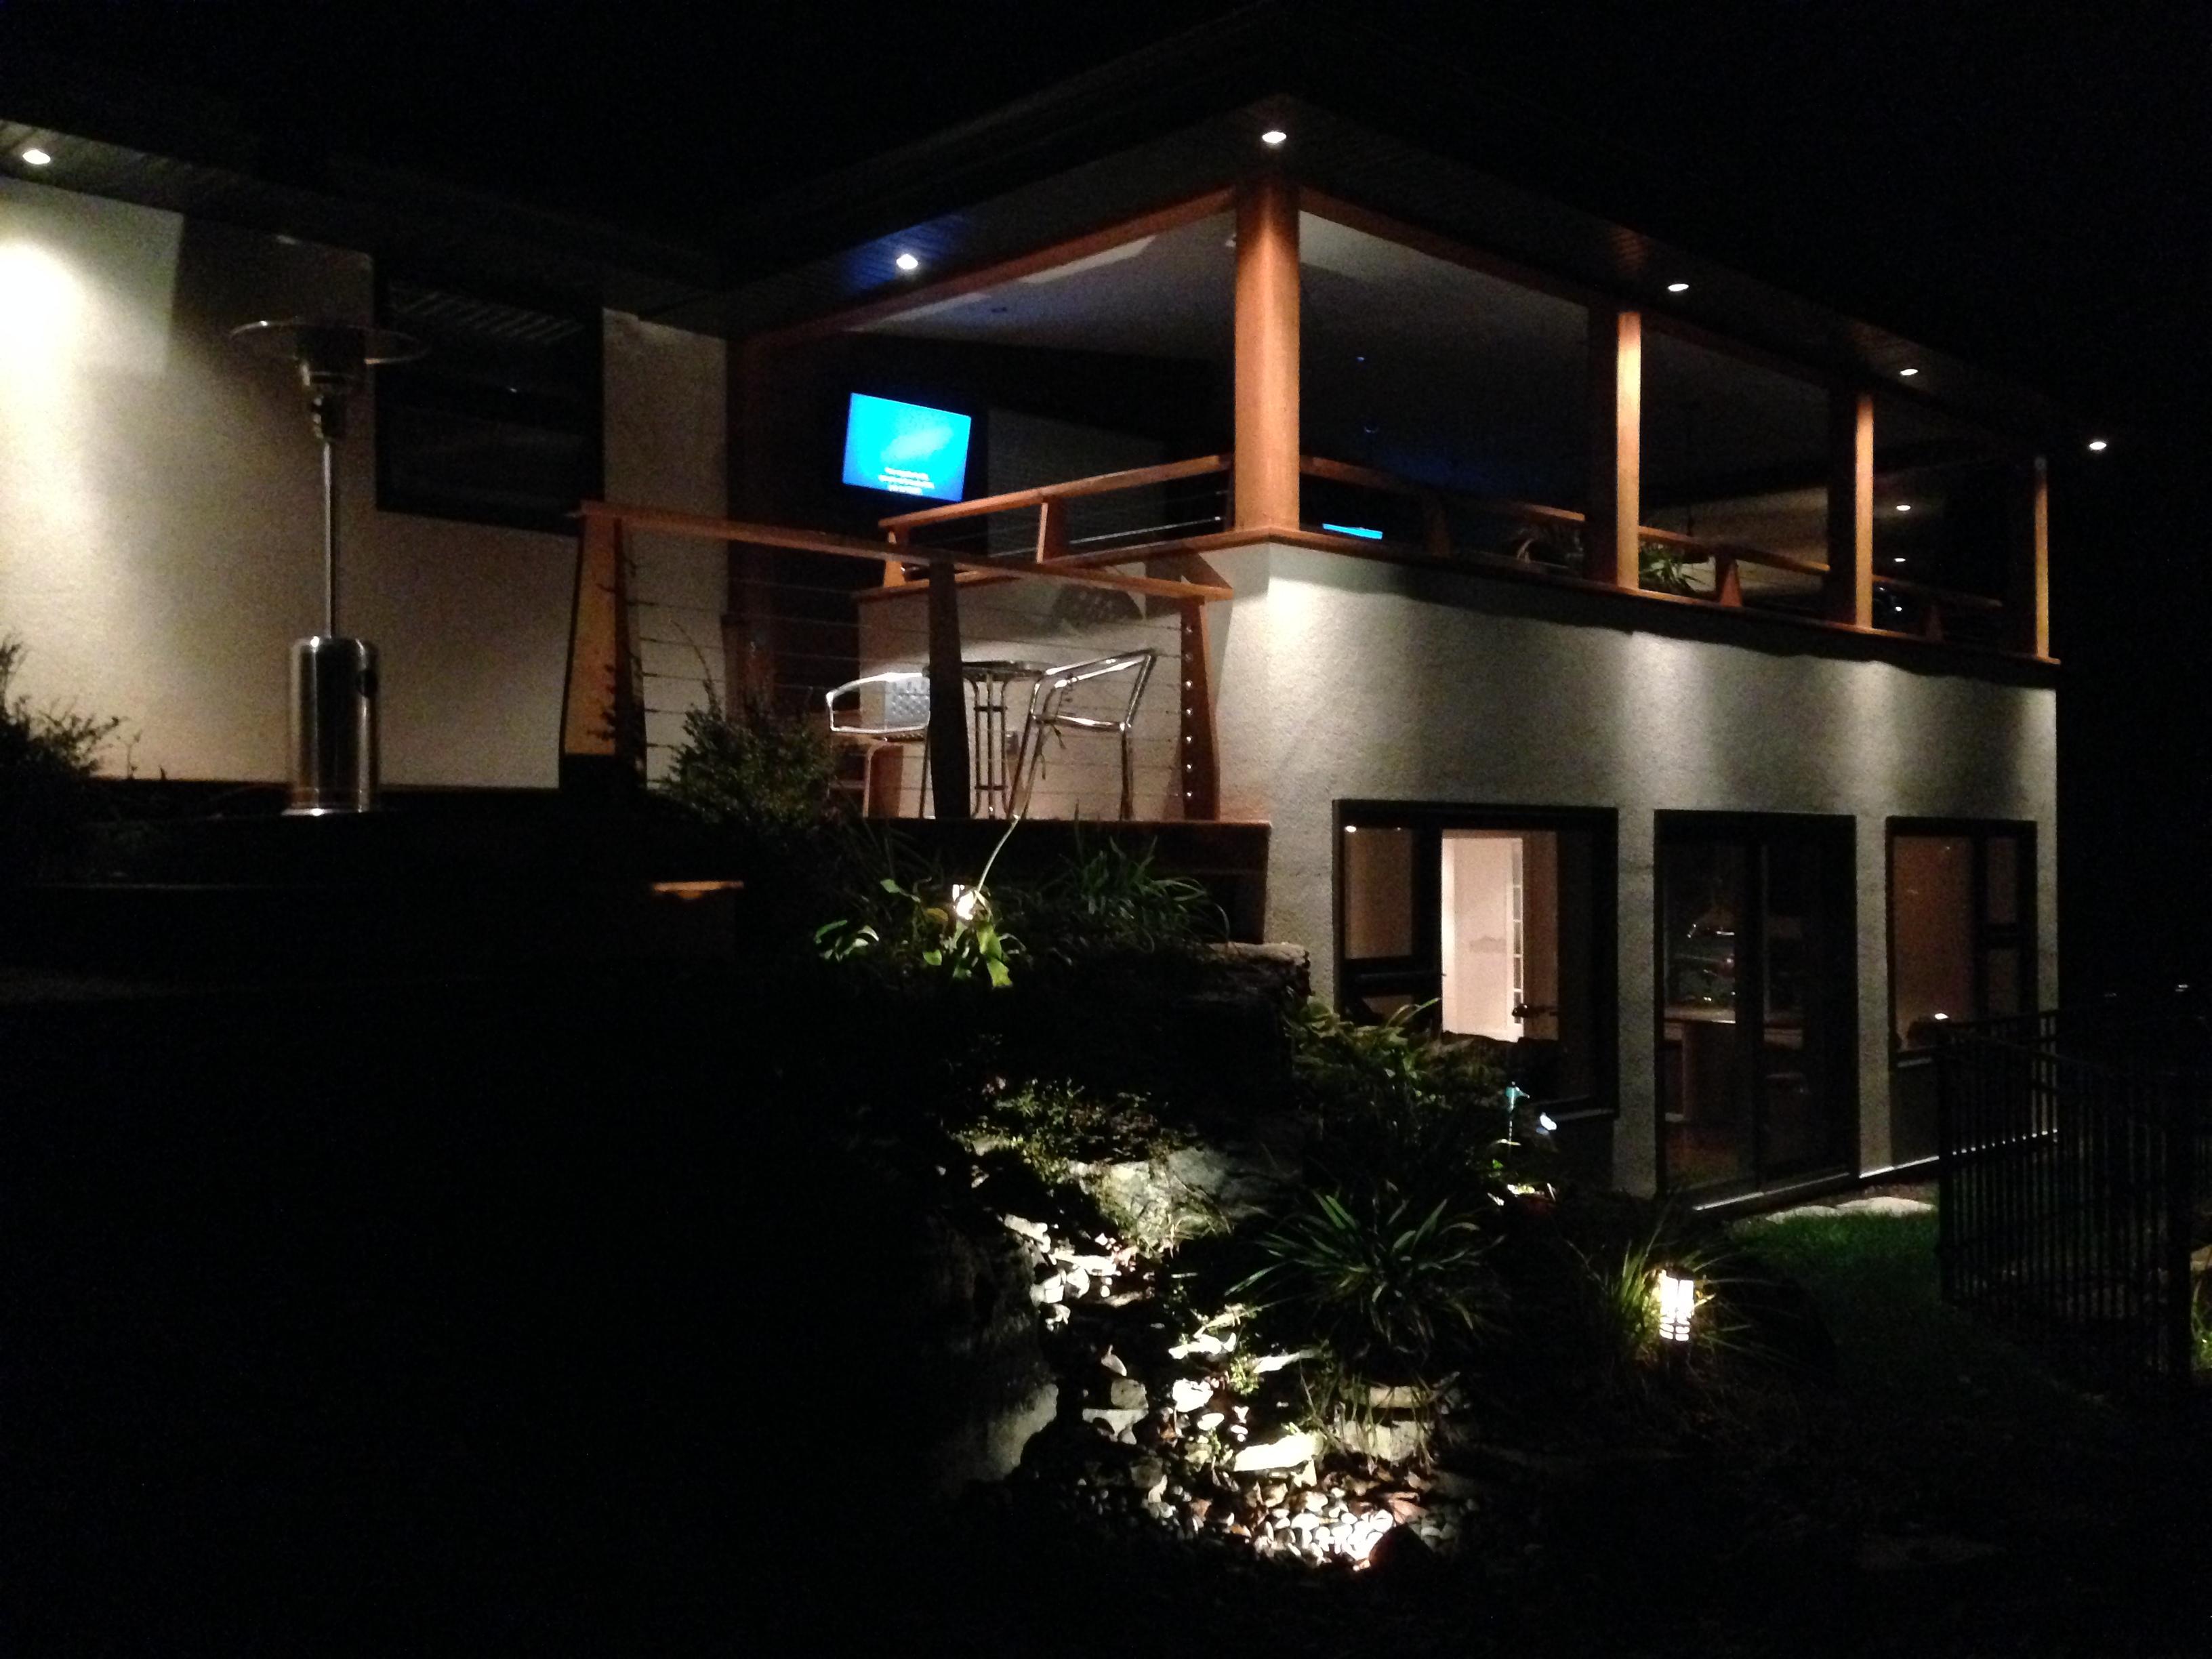 Eclairage exterieur terrasse fashion designs for Eclairage exterieur eclairage terrasse